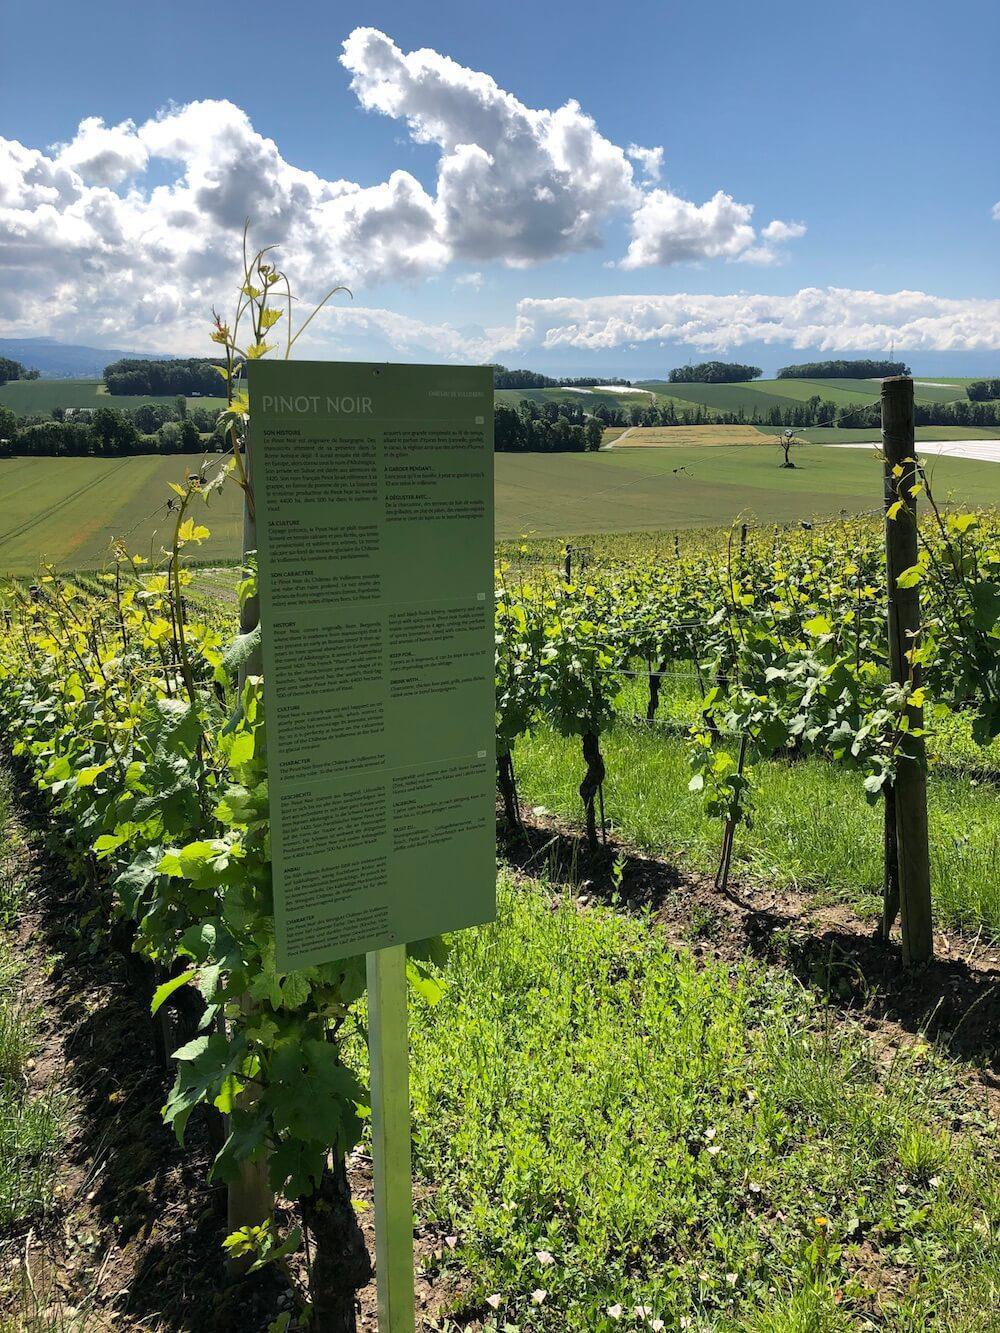 Panneau explicatif sur les cépages le long des vignes.